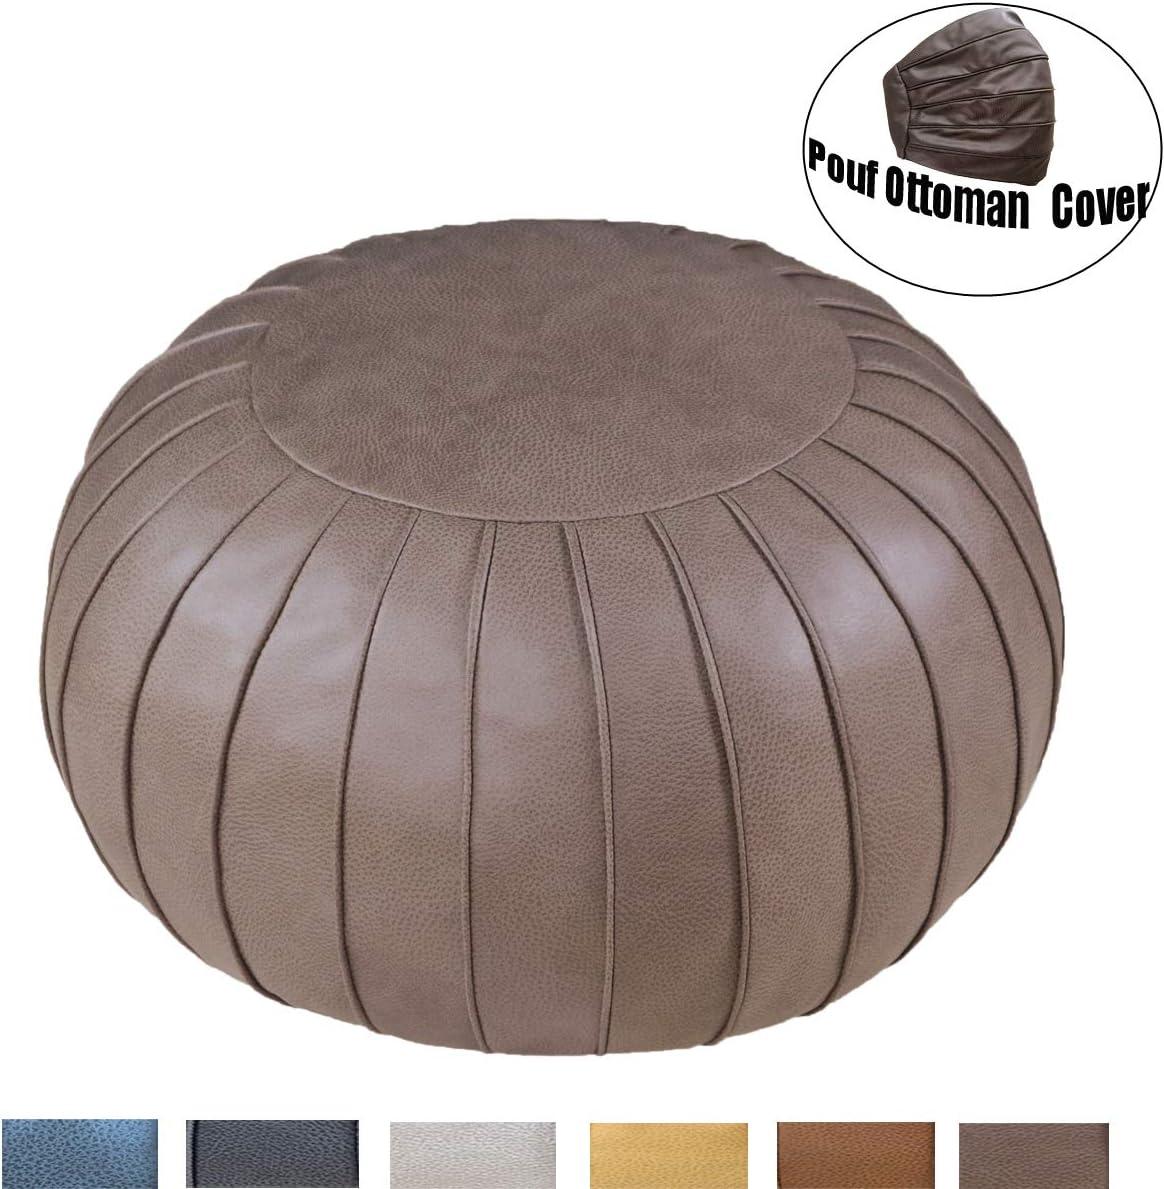 Thgonwid Unstuffed Handmade Suede Pouf Footstool Ottoman Faux Leather Poufs 23